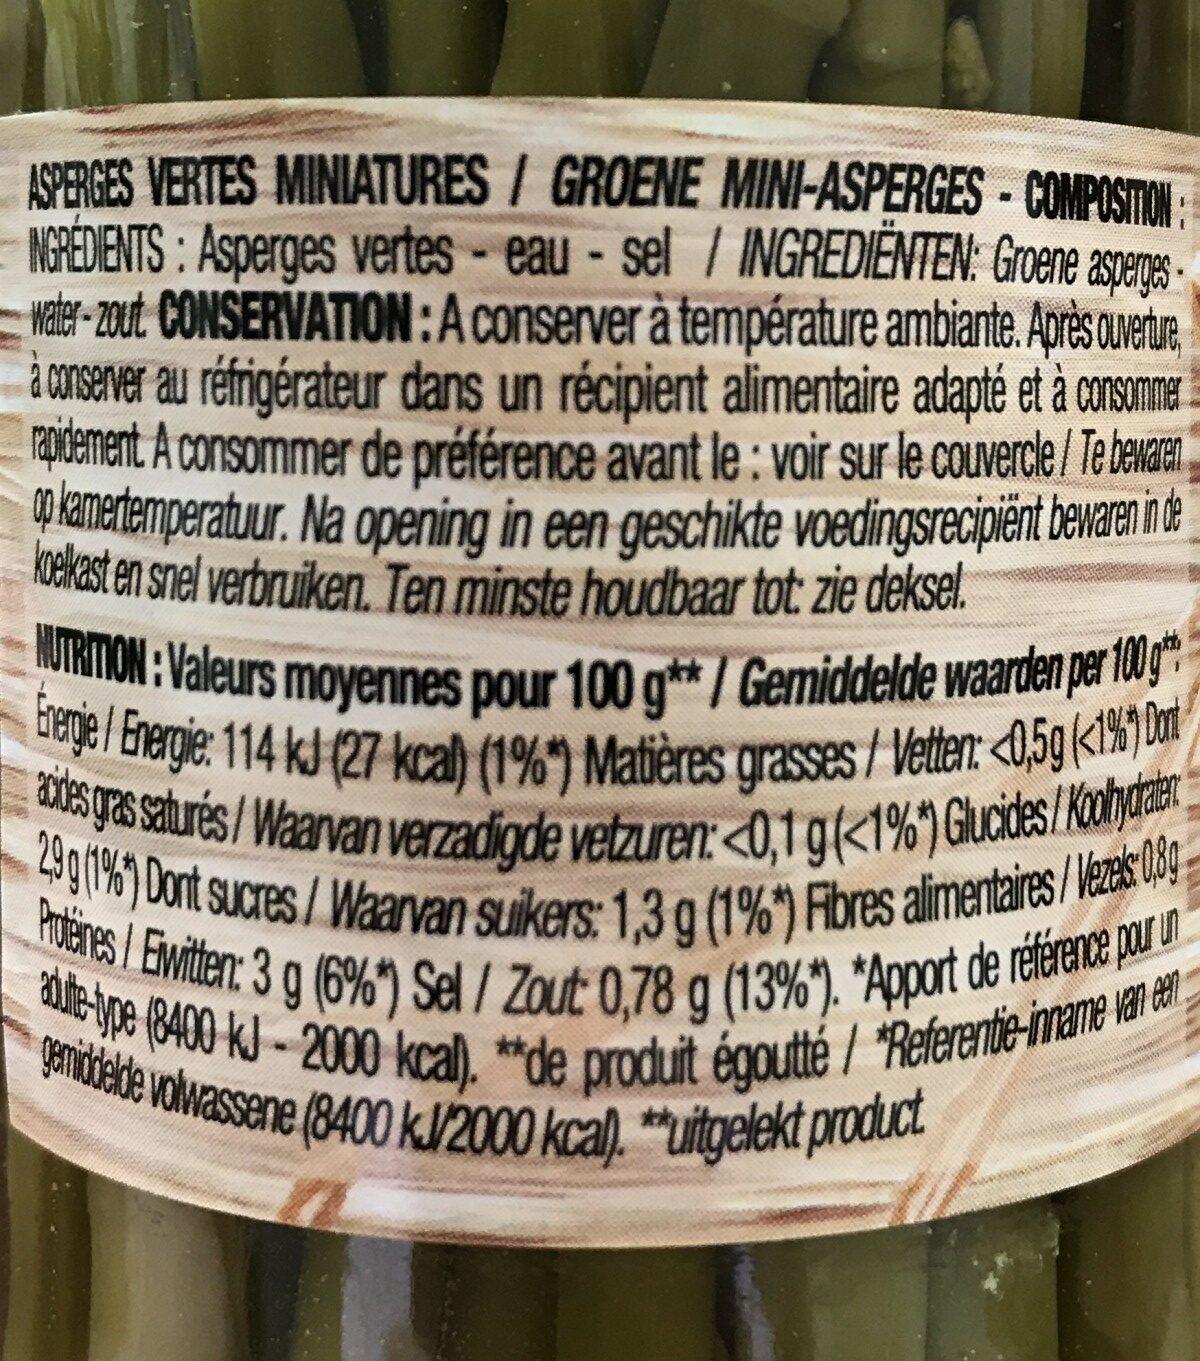 Asperges Vertes Mini - Ingrediënten